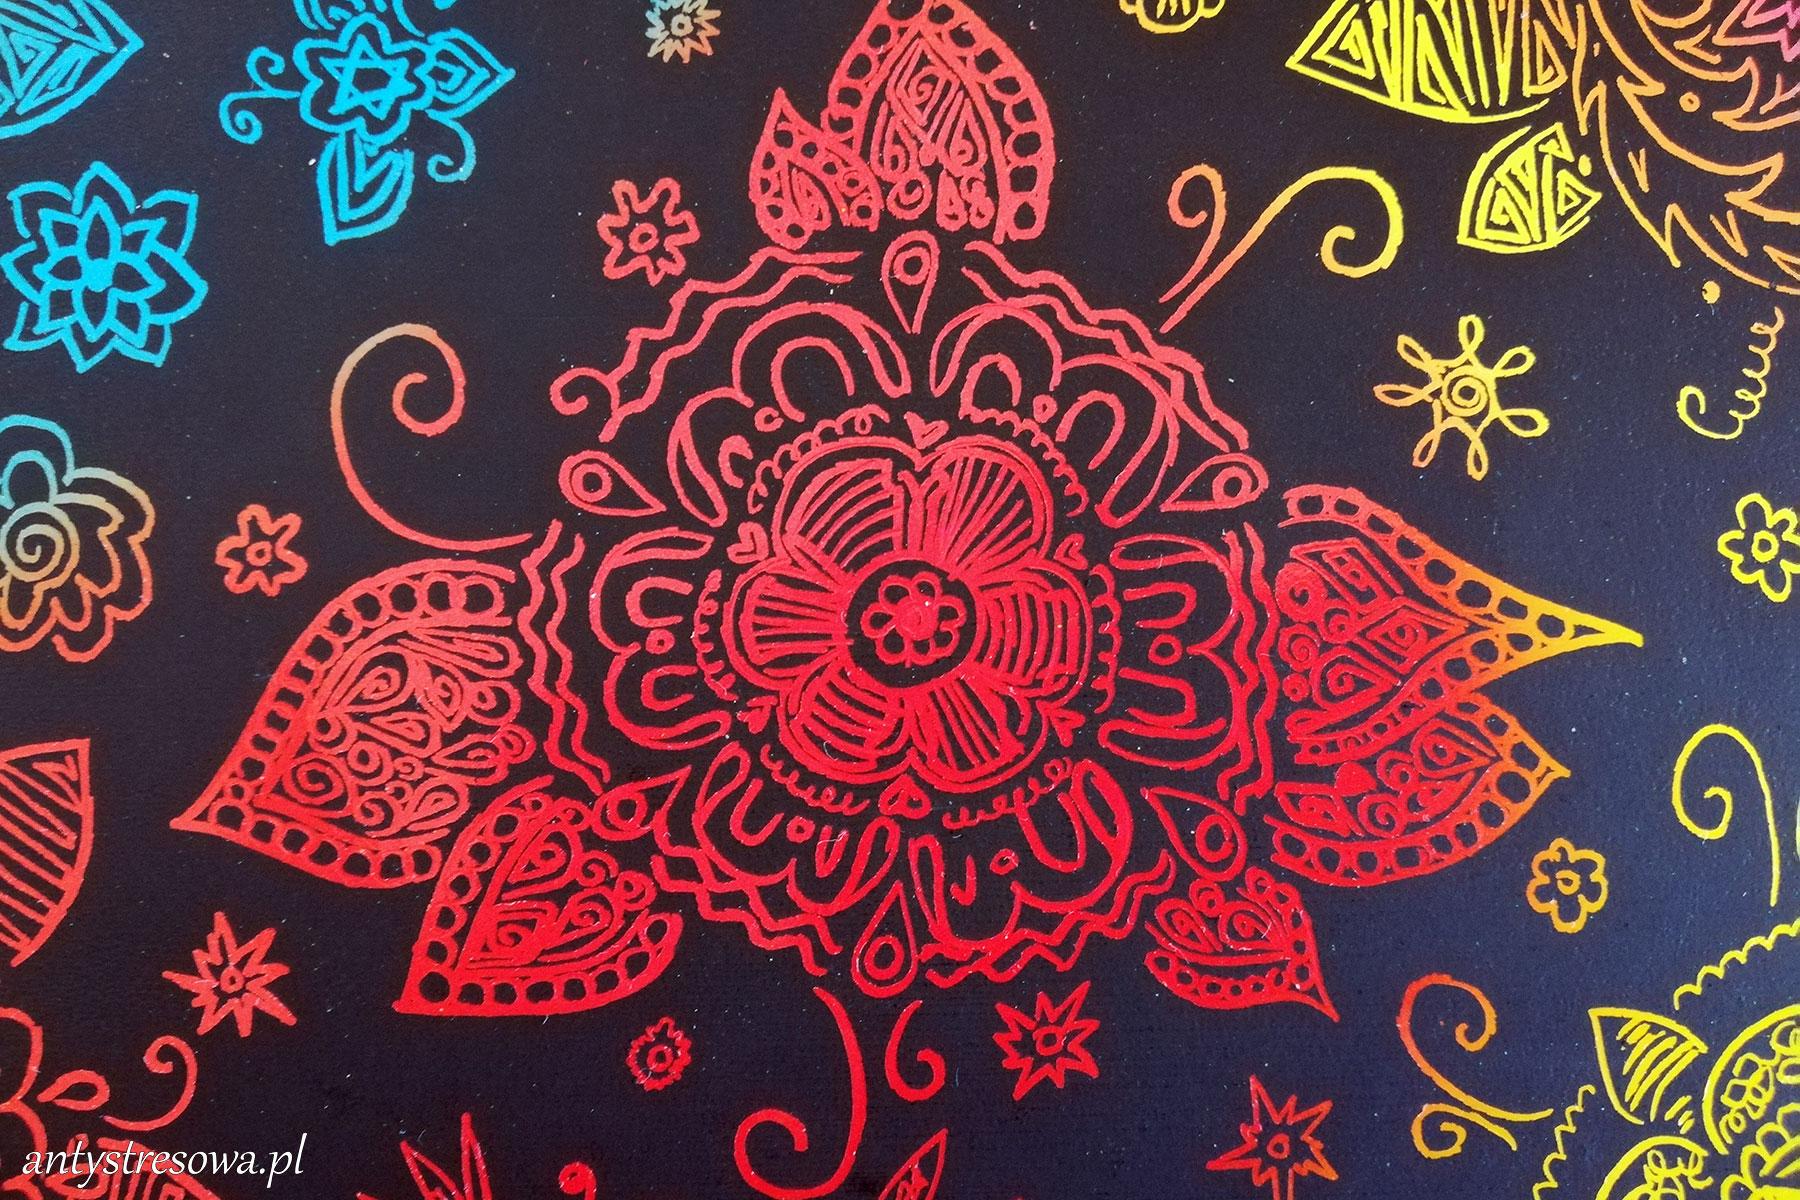 Czarny papier do wydzierania - kwiatek